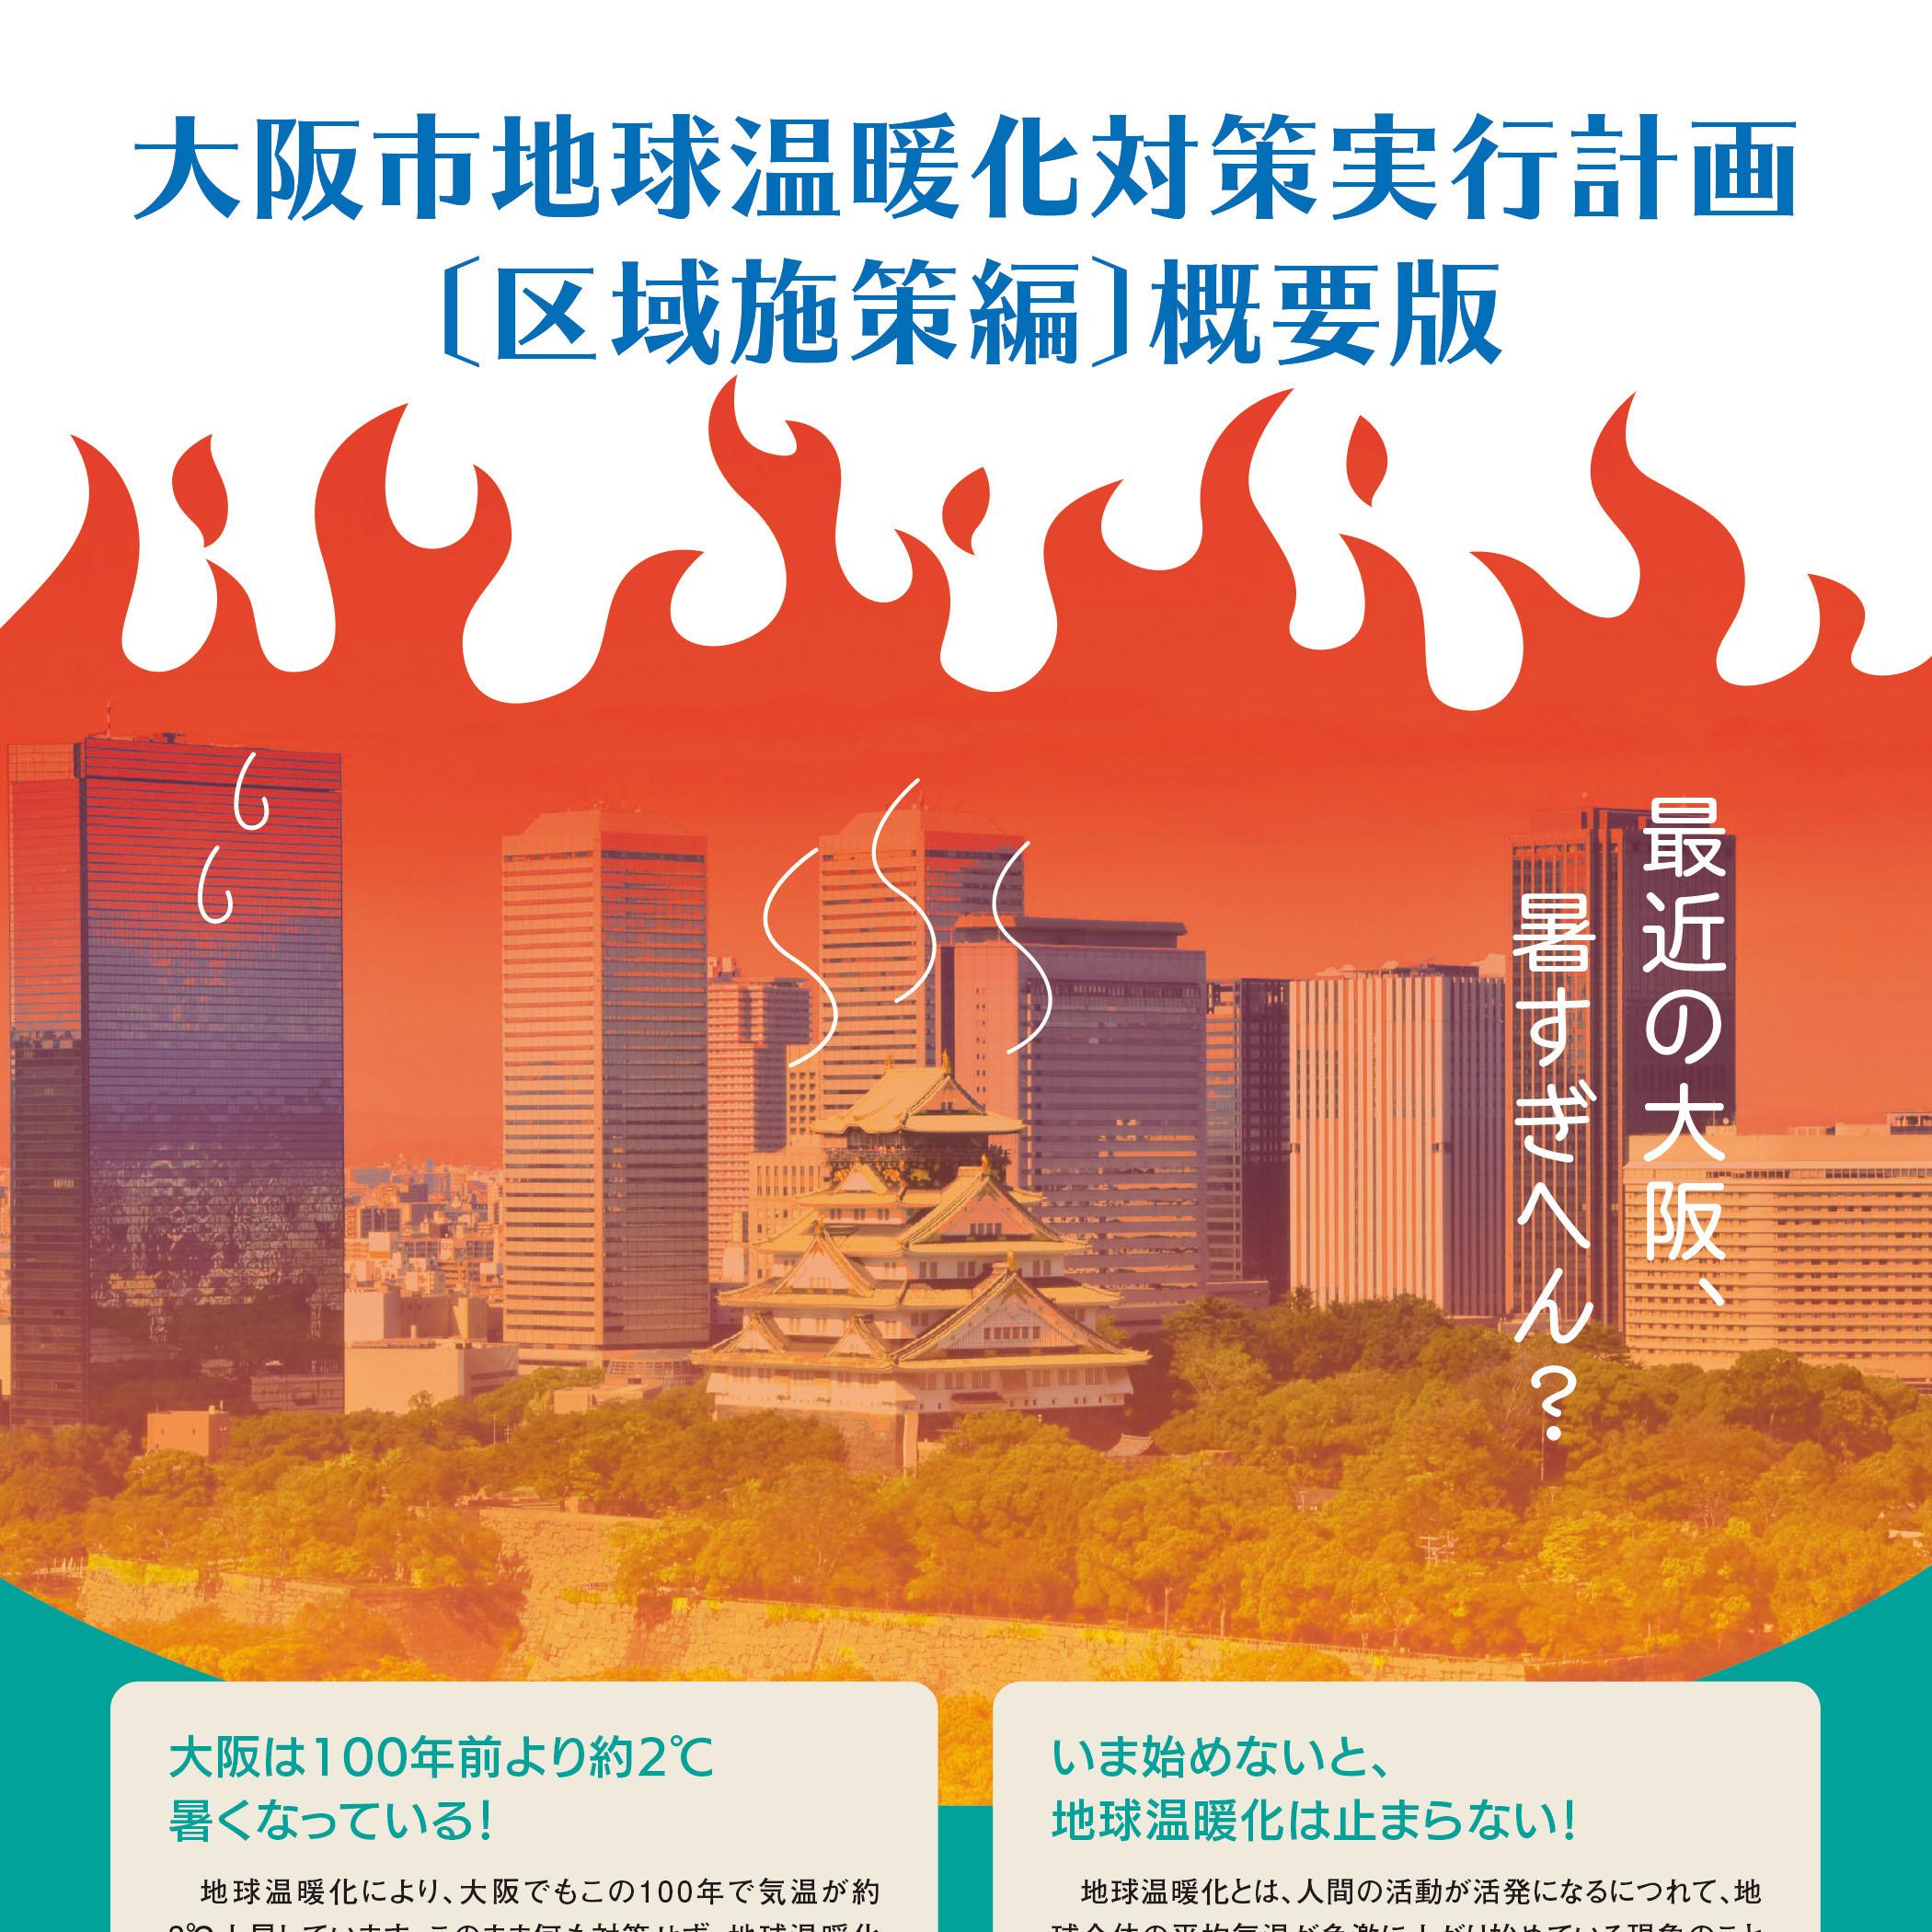 大阪市地球温暖化対策実行計画|2021.4 リーフレット(大阪市環境局)